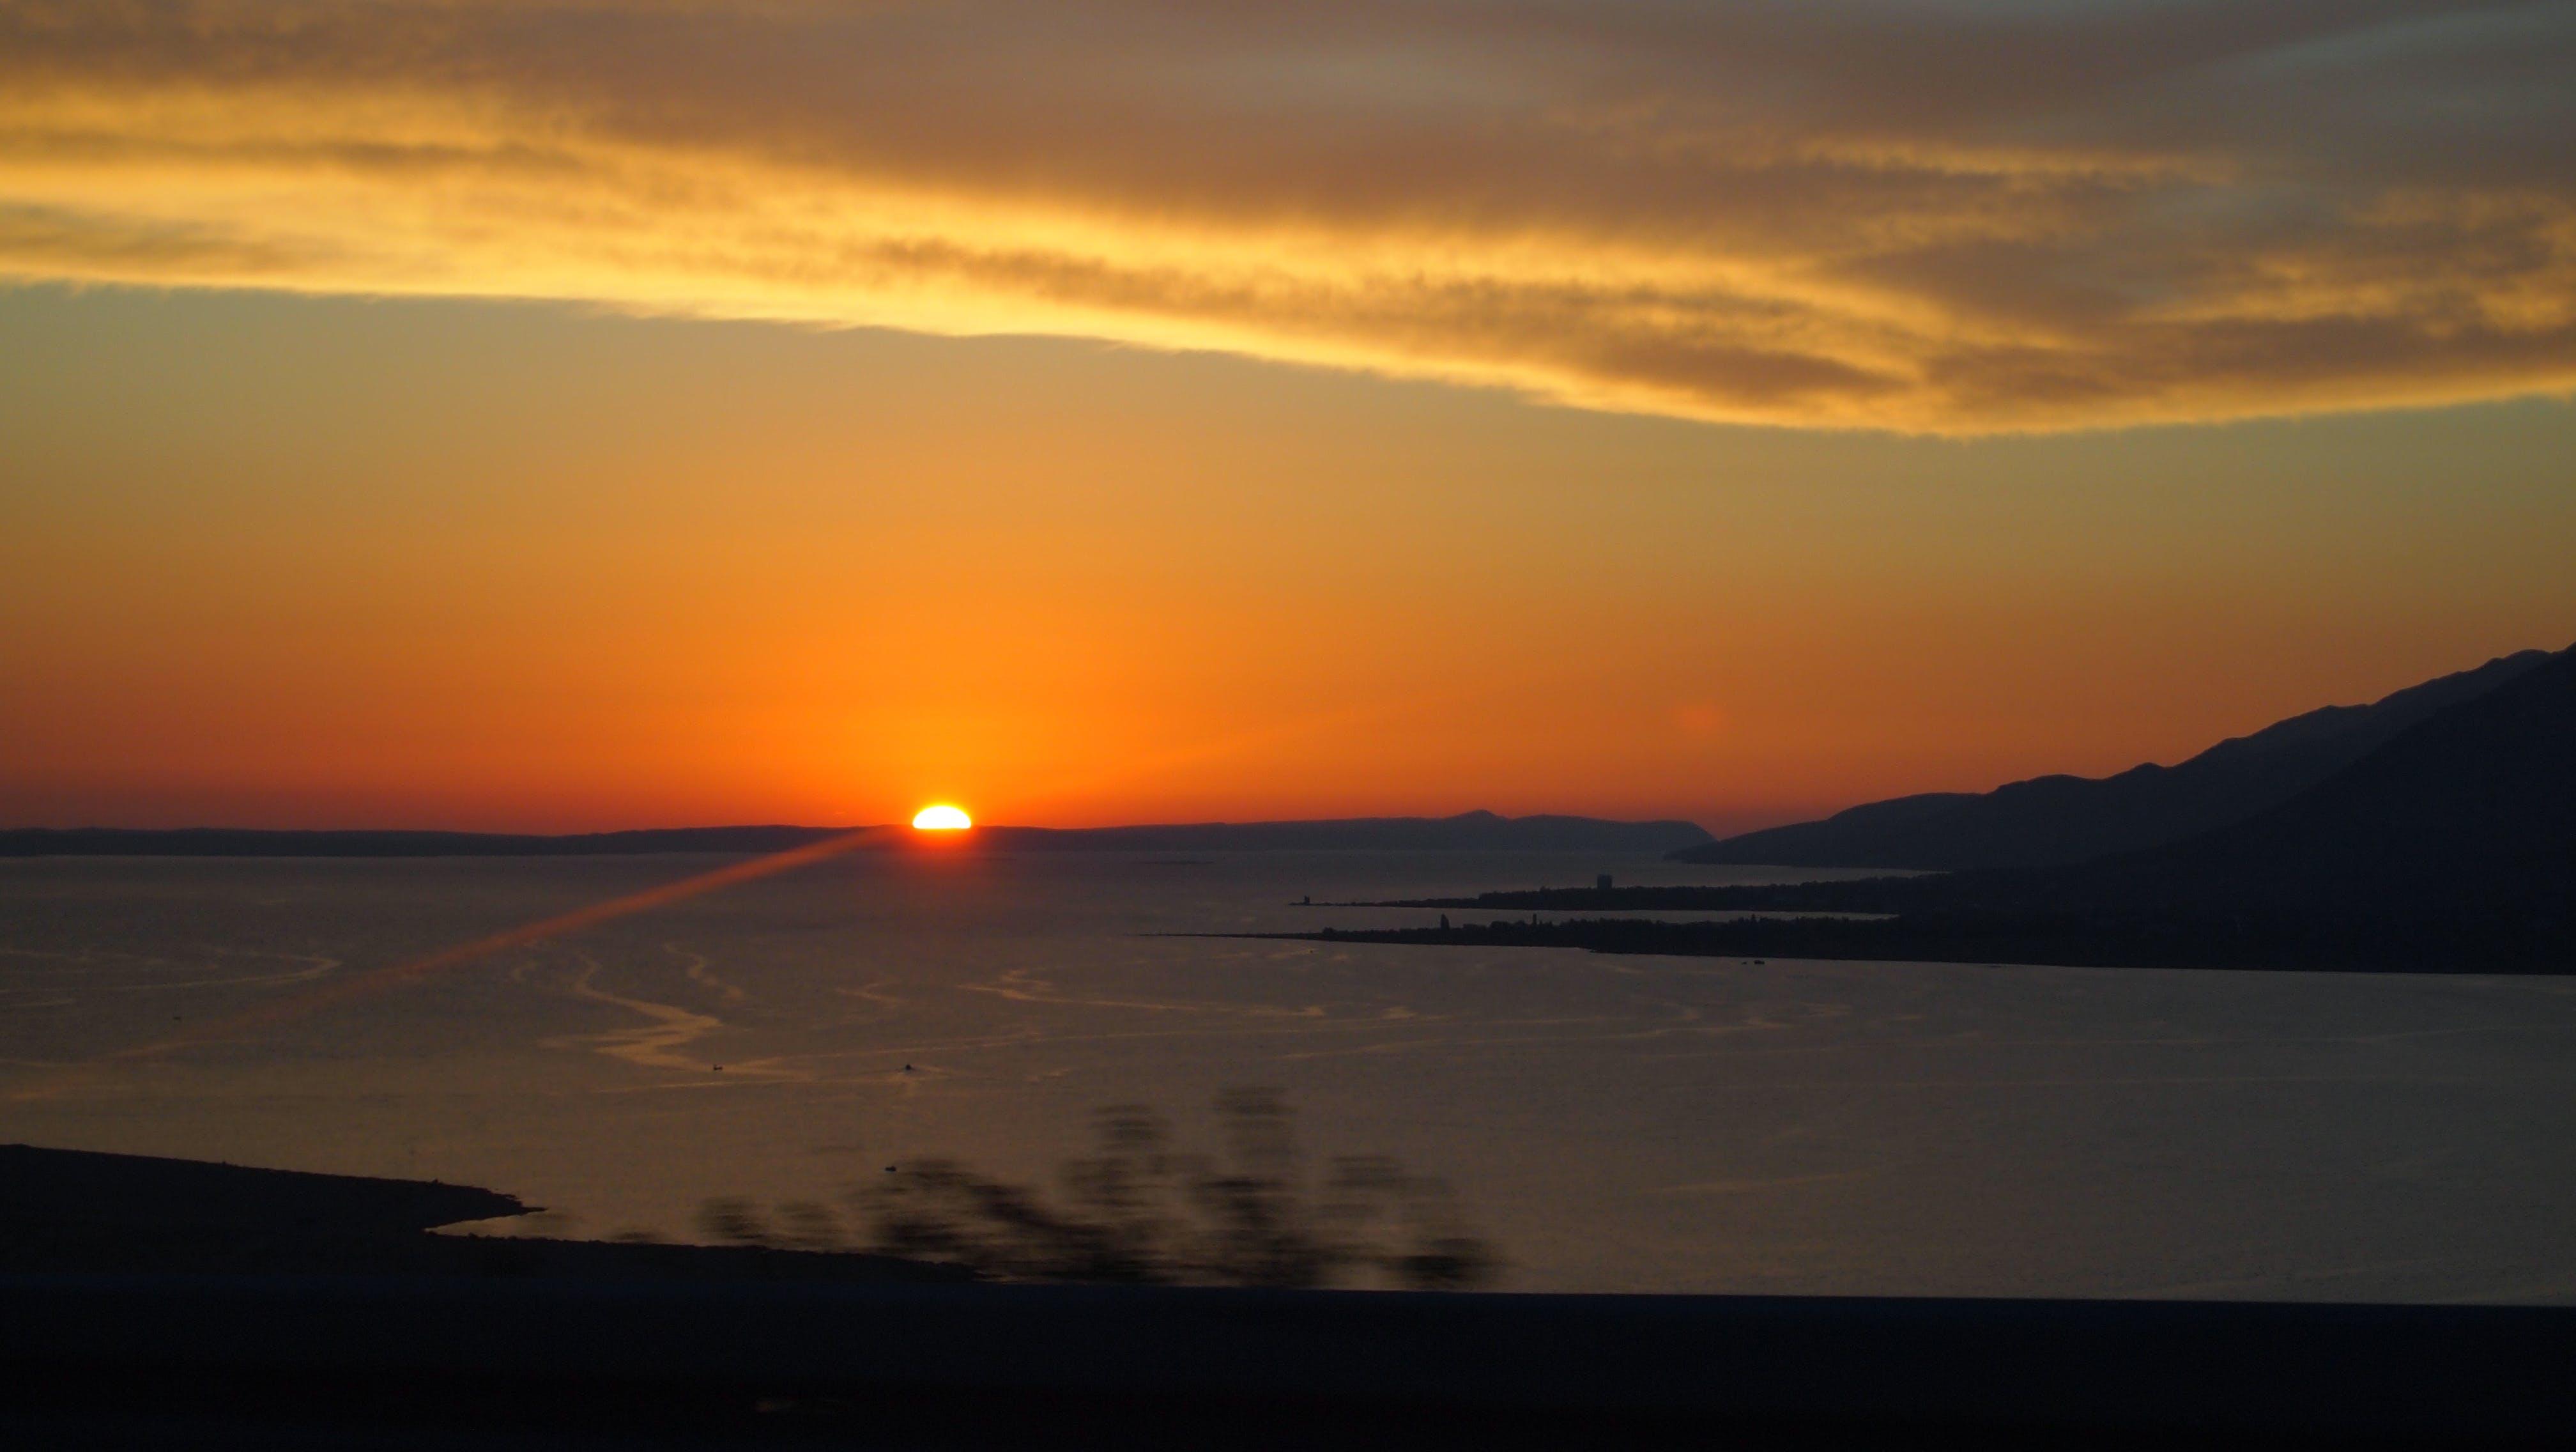 夏, 日没, 海, 海岸の無料の写真素材